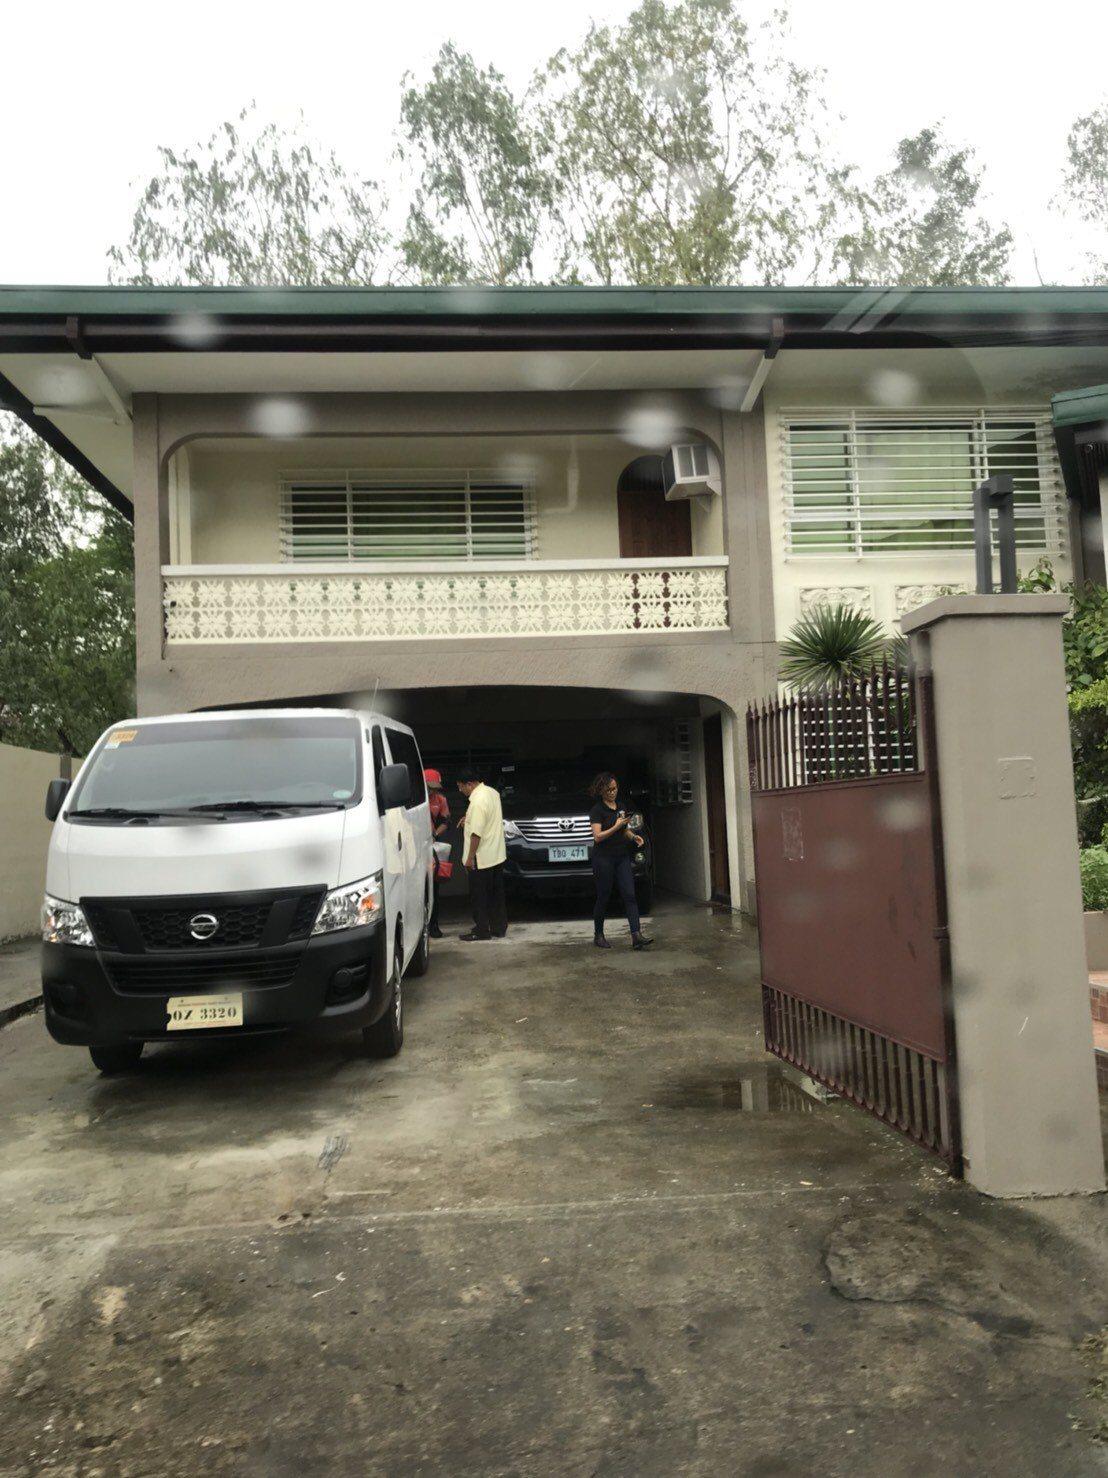 泰國和菲律賓警方去年合作破獲的台灣詐騙集團藏身處。圖/刑事局提供